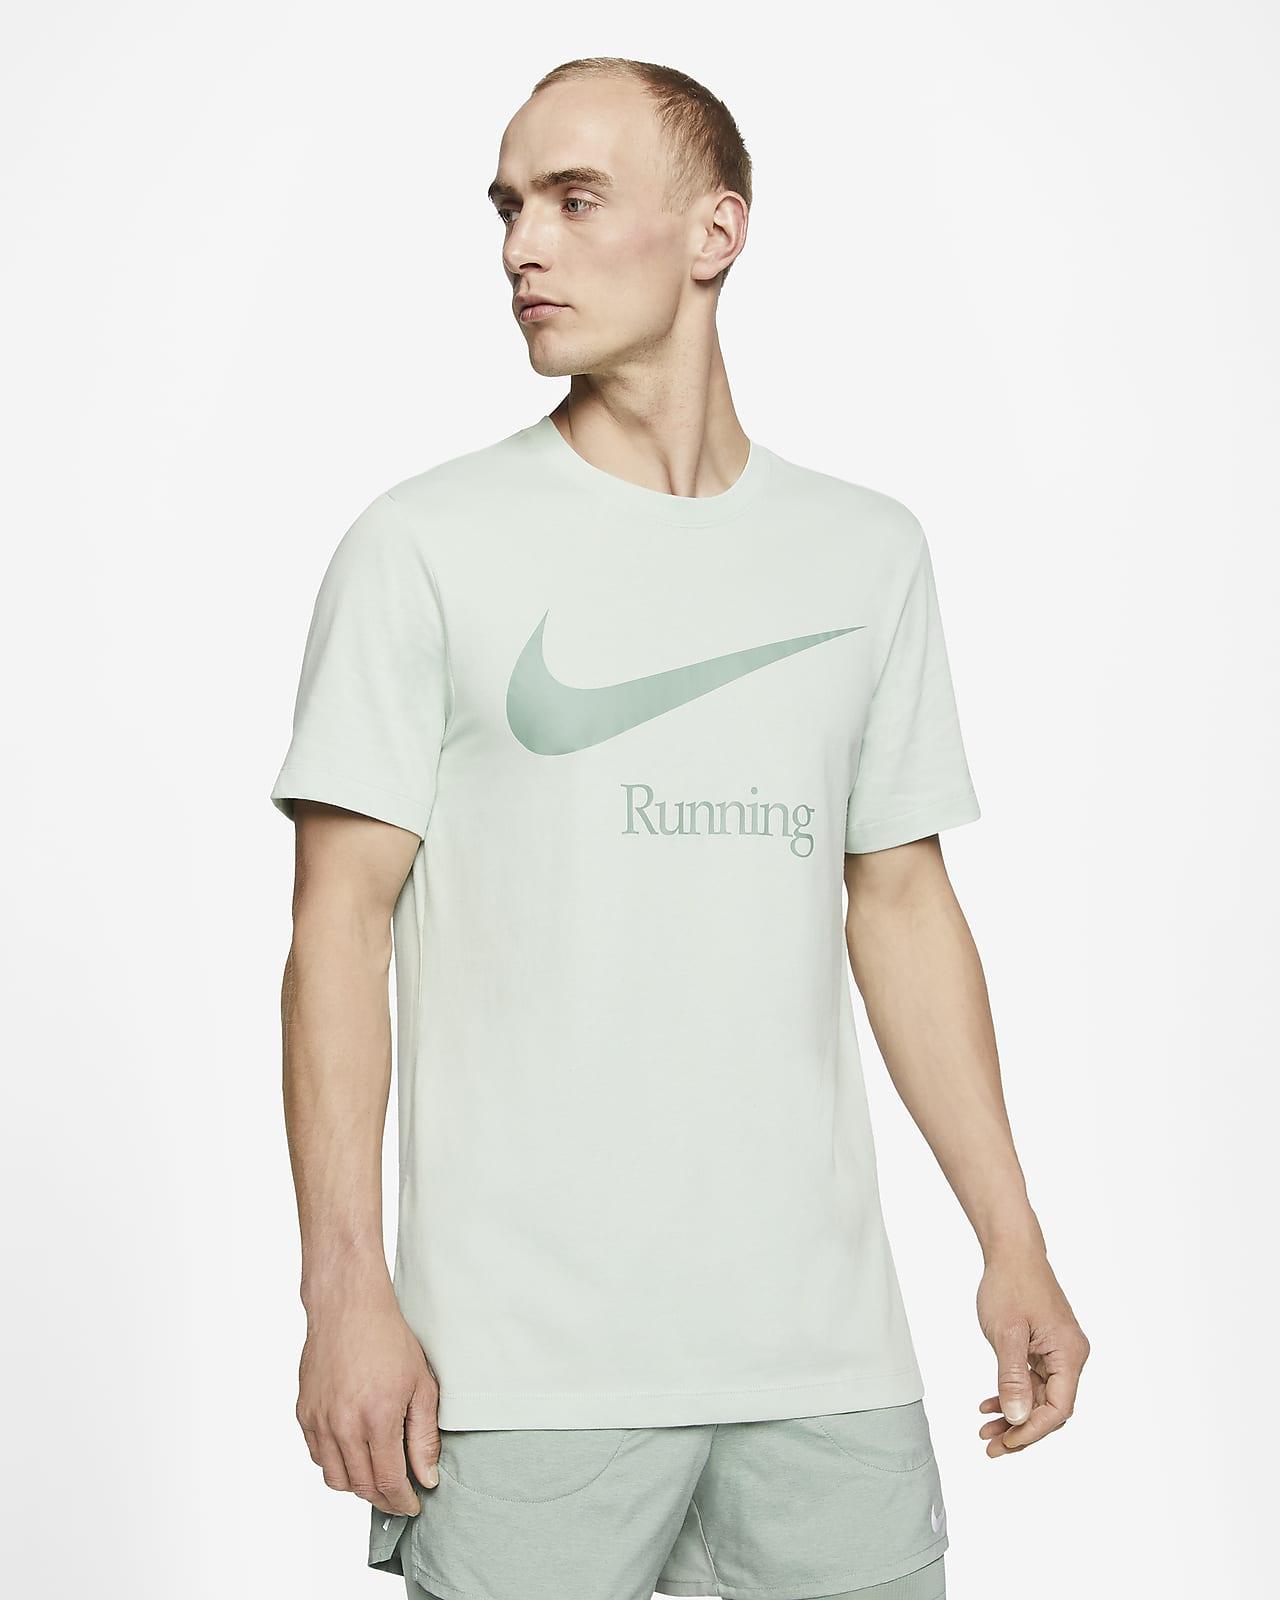 Ανδρικό T-Shirt για τρέξιμο Nike Dri-FIT